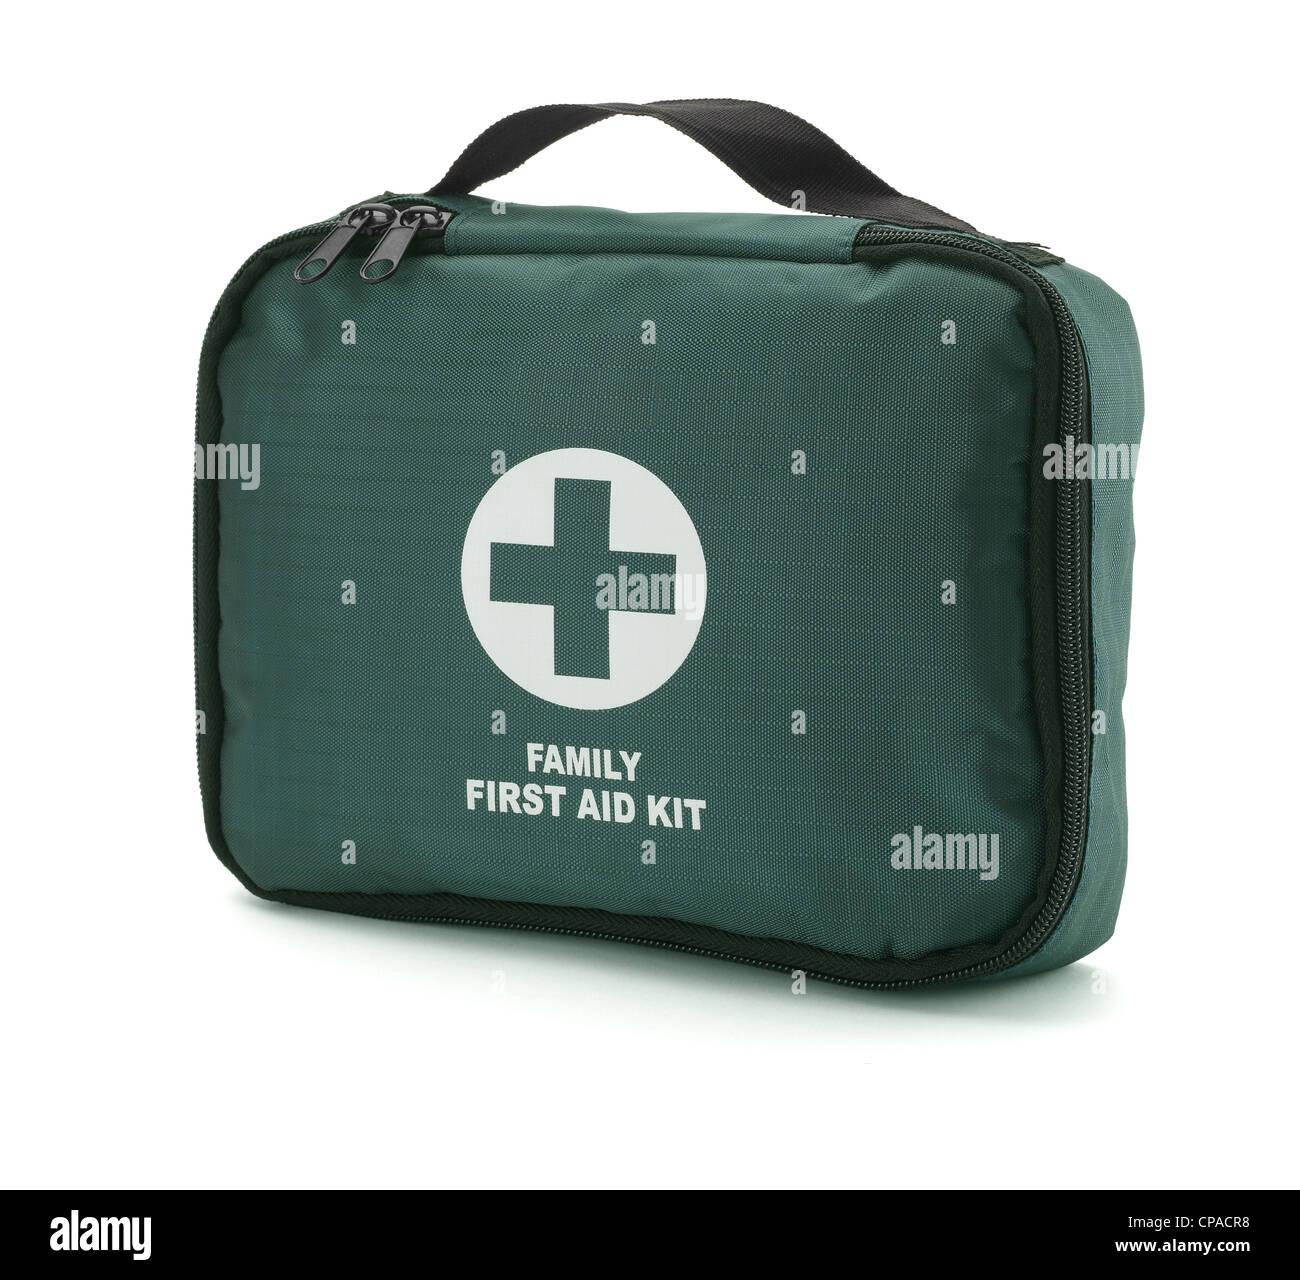 Un kit de primeros auxilios verde aislado en blanco con trazado de recorte Imagen De Stock